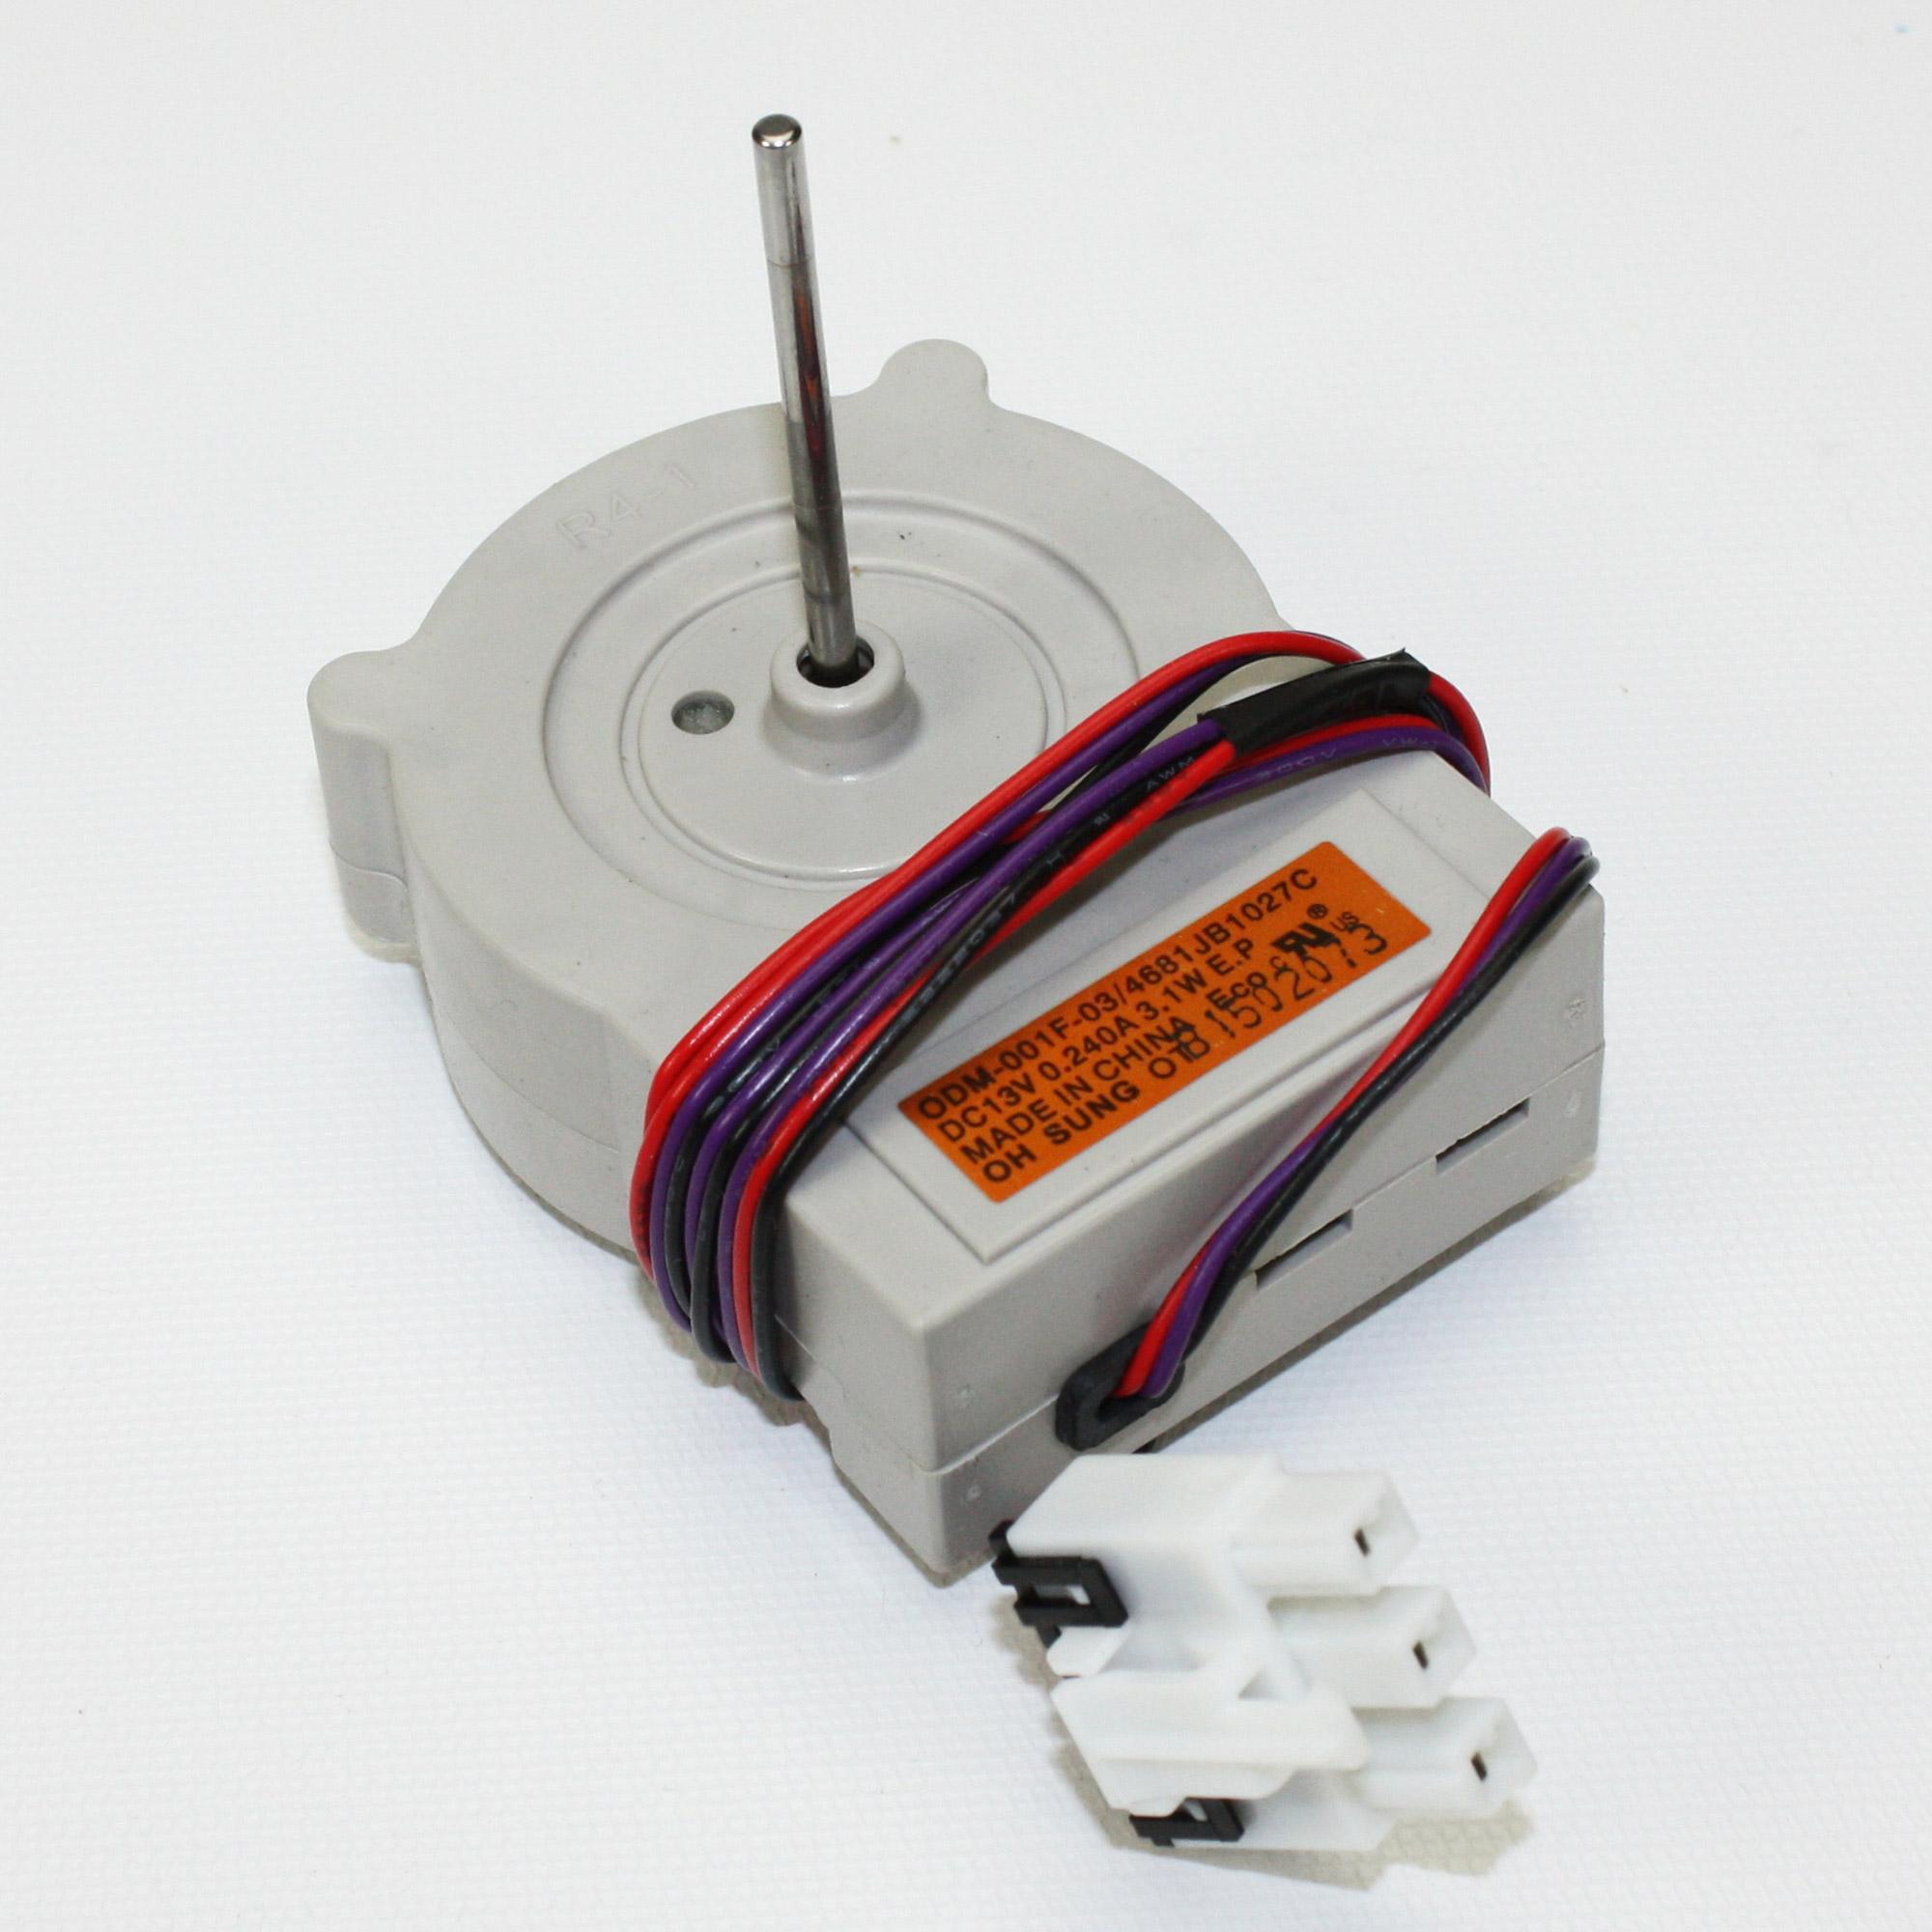 er4681jb1027c for 4681jb1027c lg refrigerator fan motor ebay